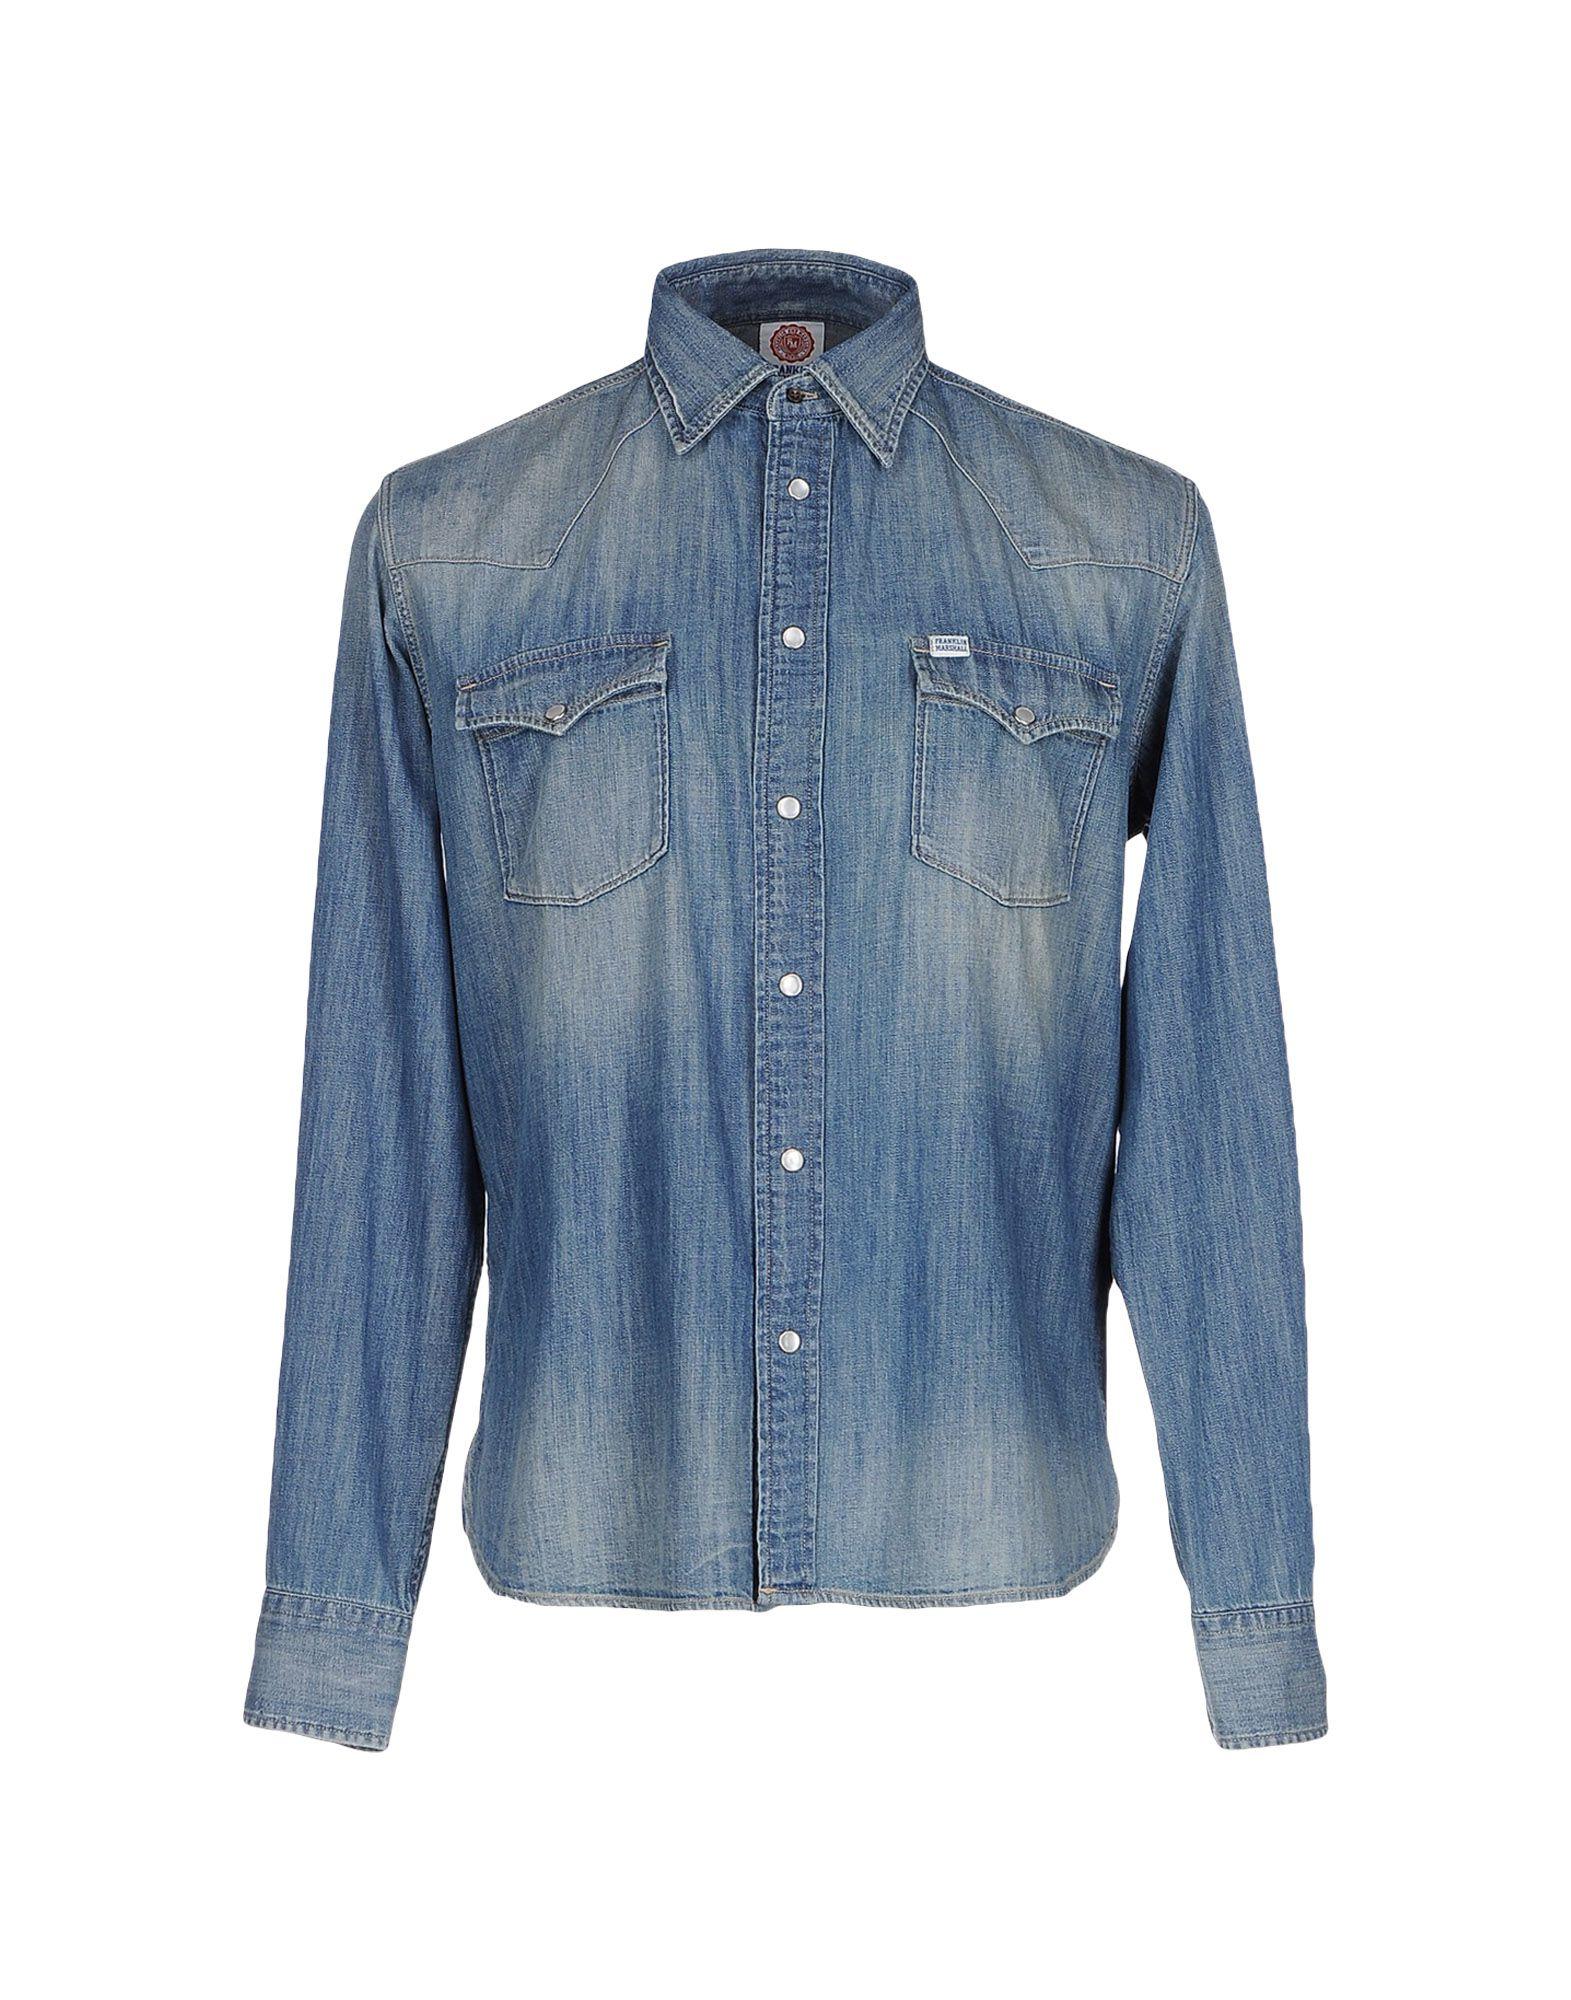 Franklin Marshall Denim Shirt In Blue For Men Lyst